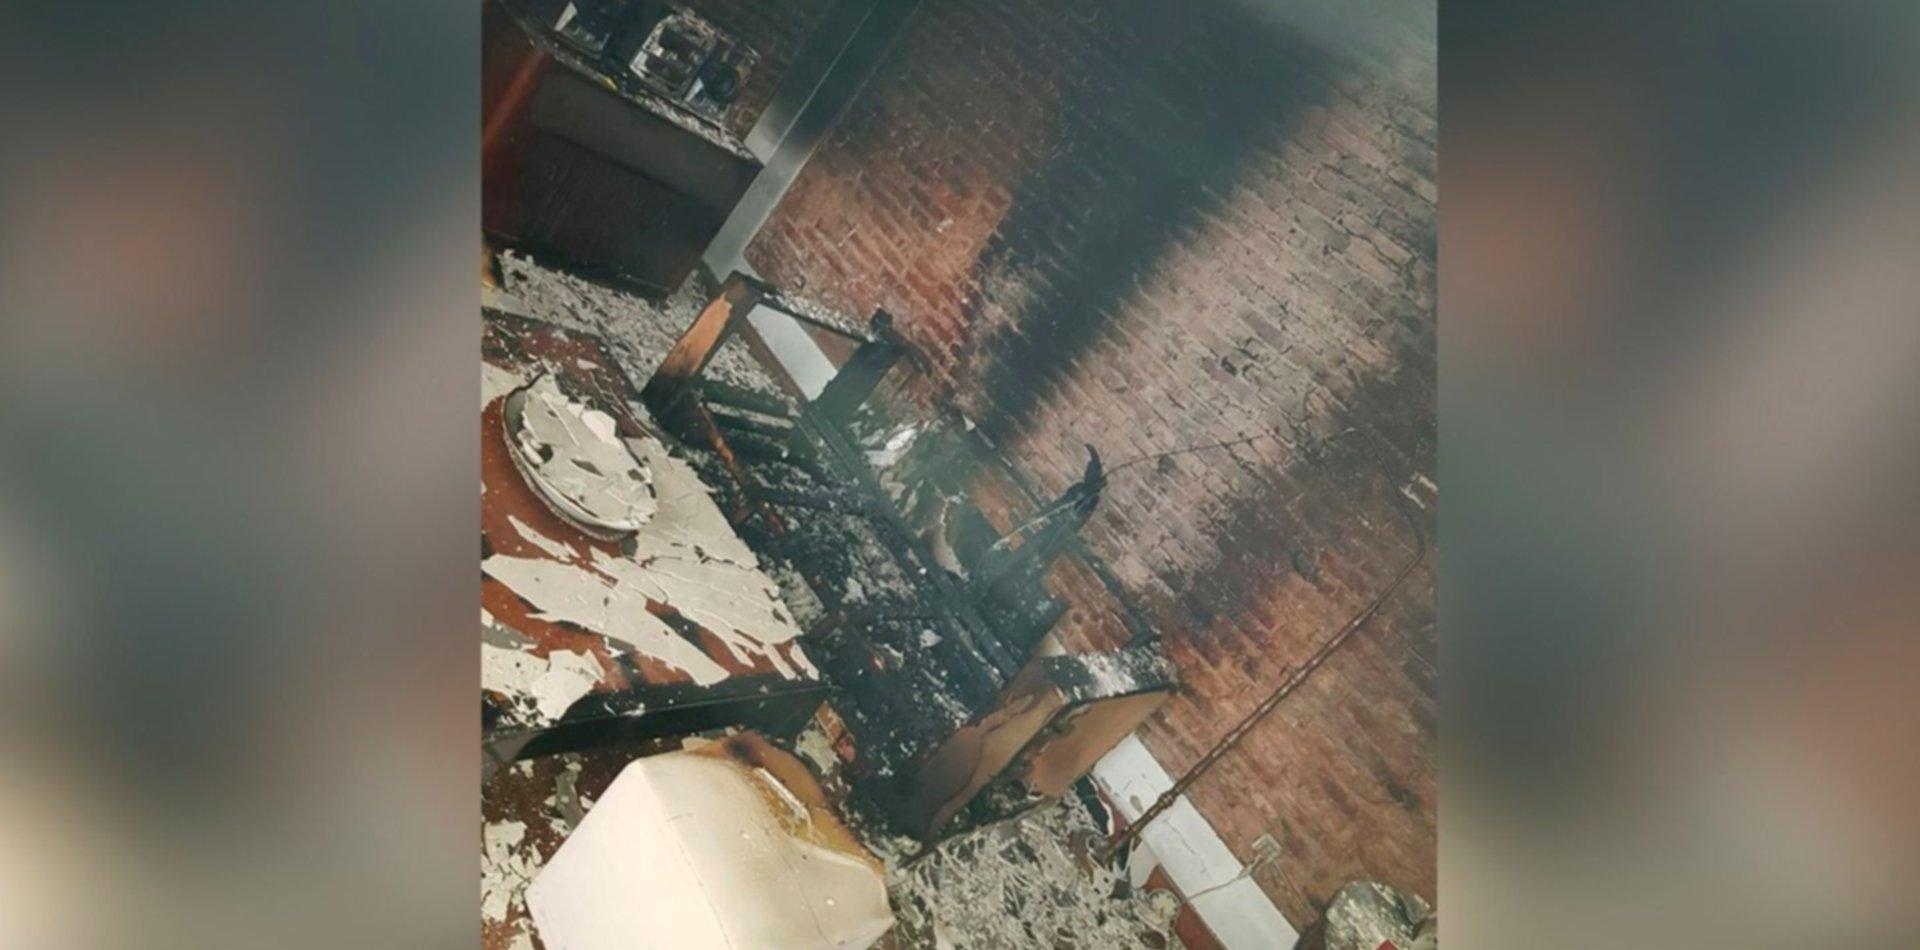 Robaron en una casa de La Plata y antes de irse la prendieron fuego